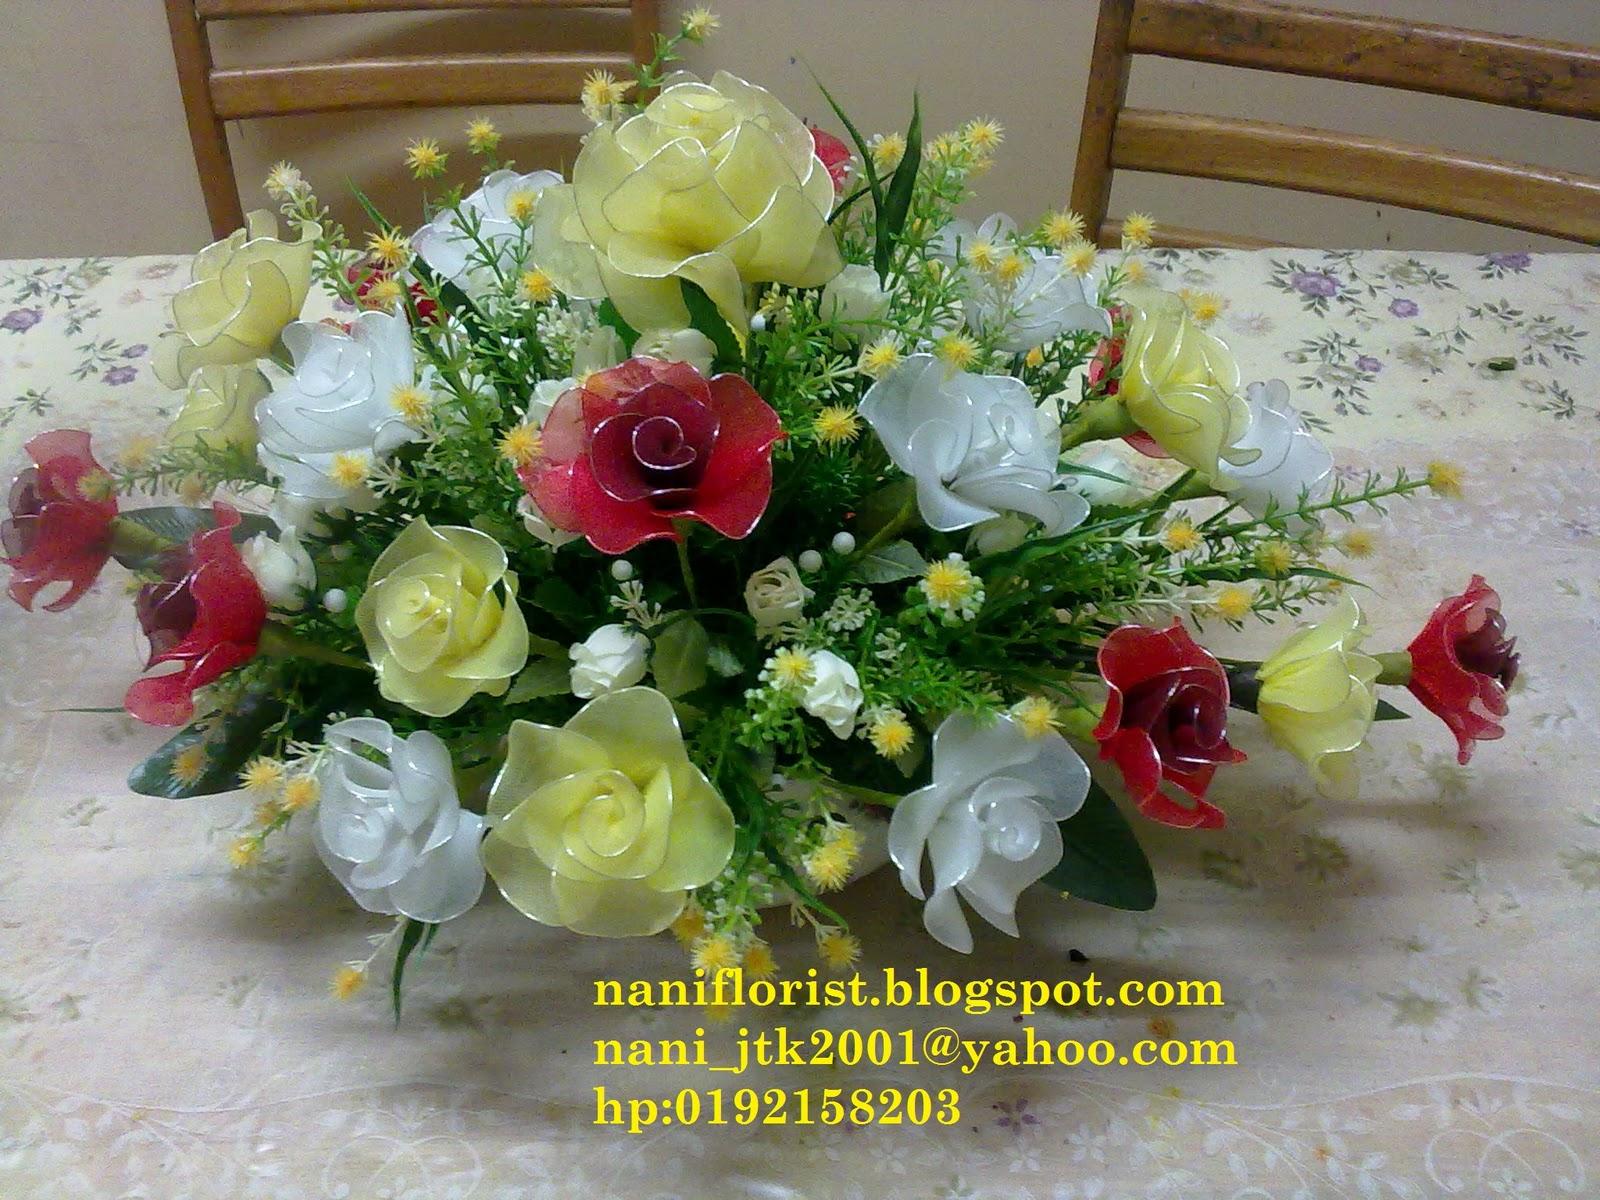 Hiasan Bunga Di Ruang Tamu Gambar Source Abuse Report